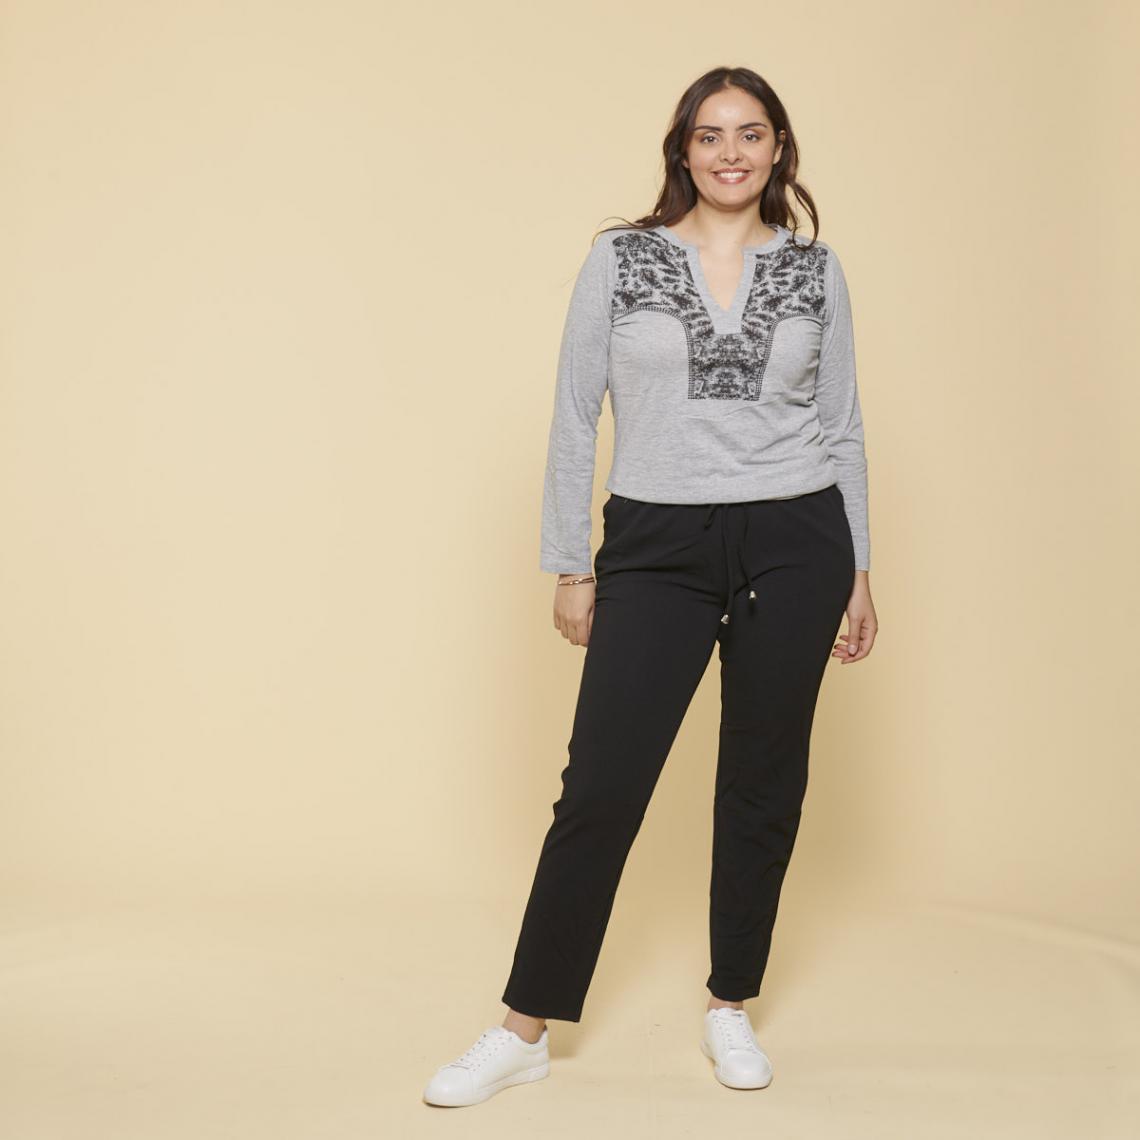 7231a974c5f Pantalon taille élastique et cordon poches grandes tailles femme - Noir 3  SUISSES Femme